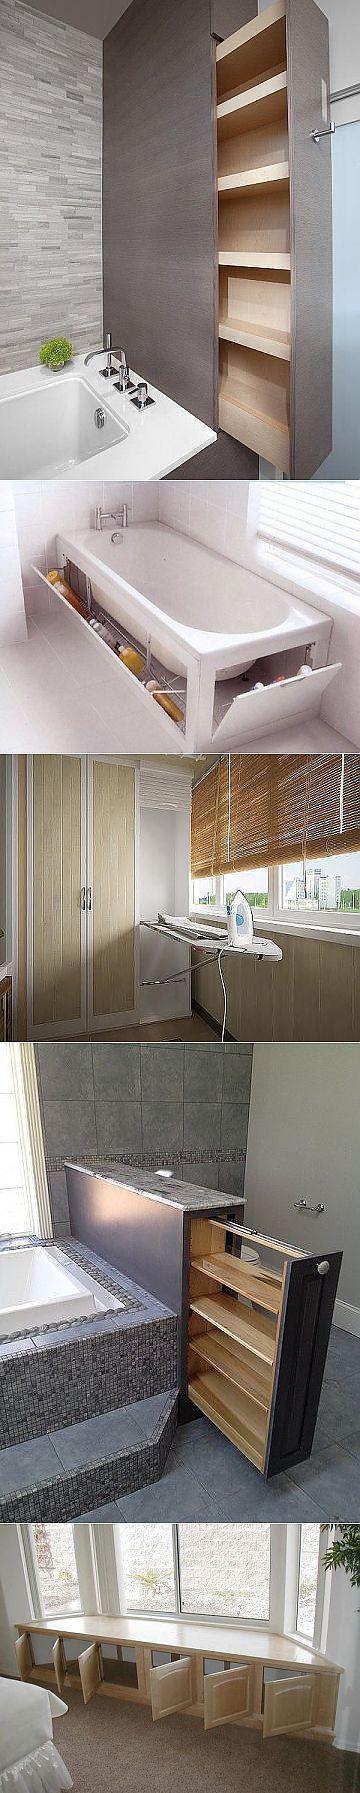 Photo of INTERNI Spazio abitativo (idee per a casa) W … – # per #Home #Idee #innenr …